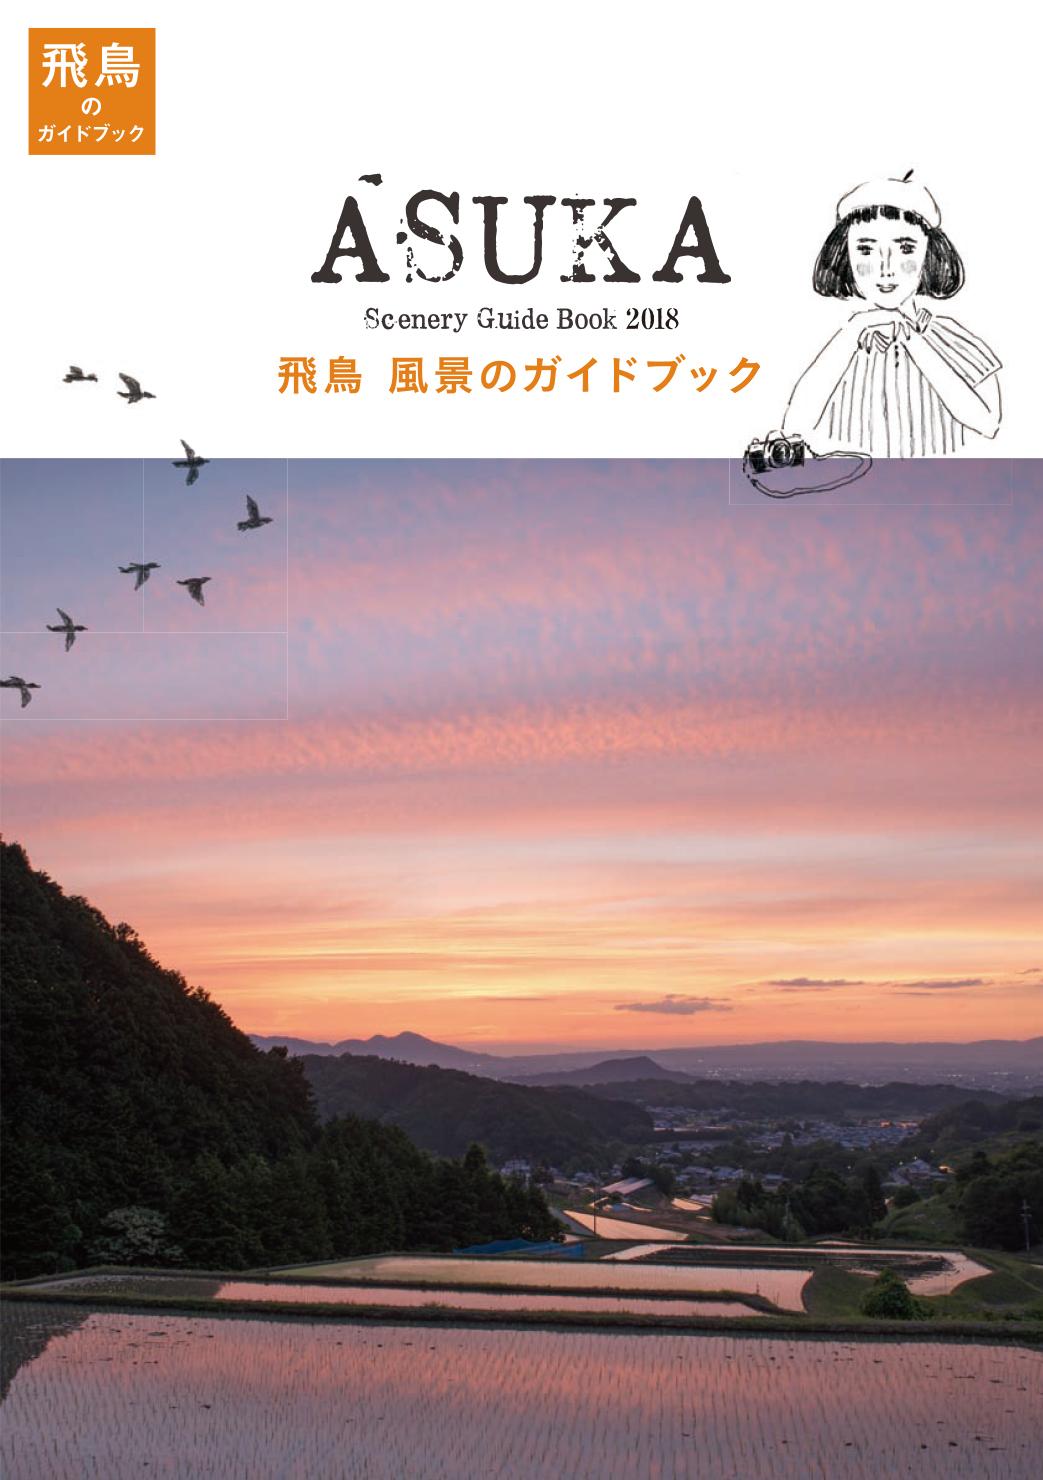 飛鳥 風景のガイドブック 2018